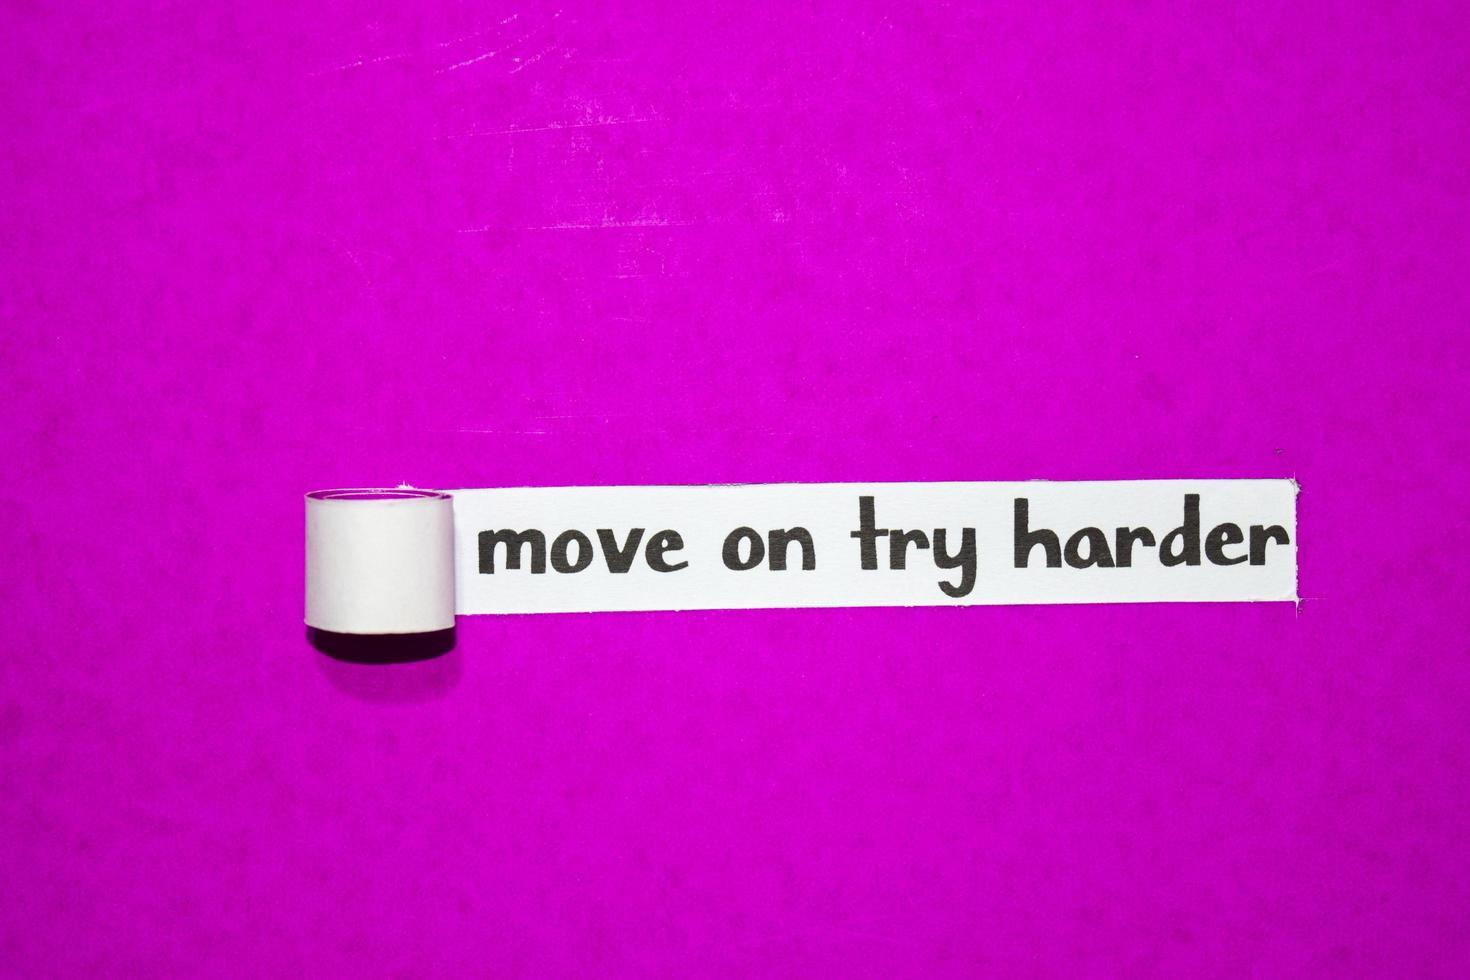 gå vidare försök hårdare text, inspiration, motivation och affärsidé på lila sönderrivet papper foto